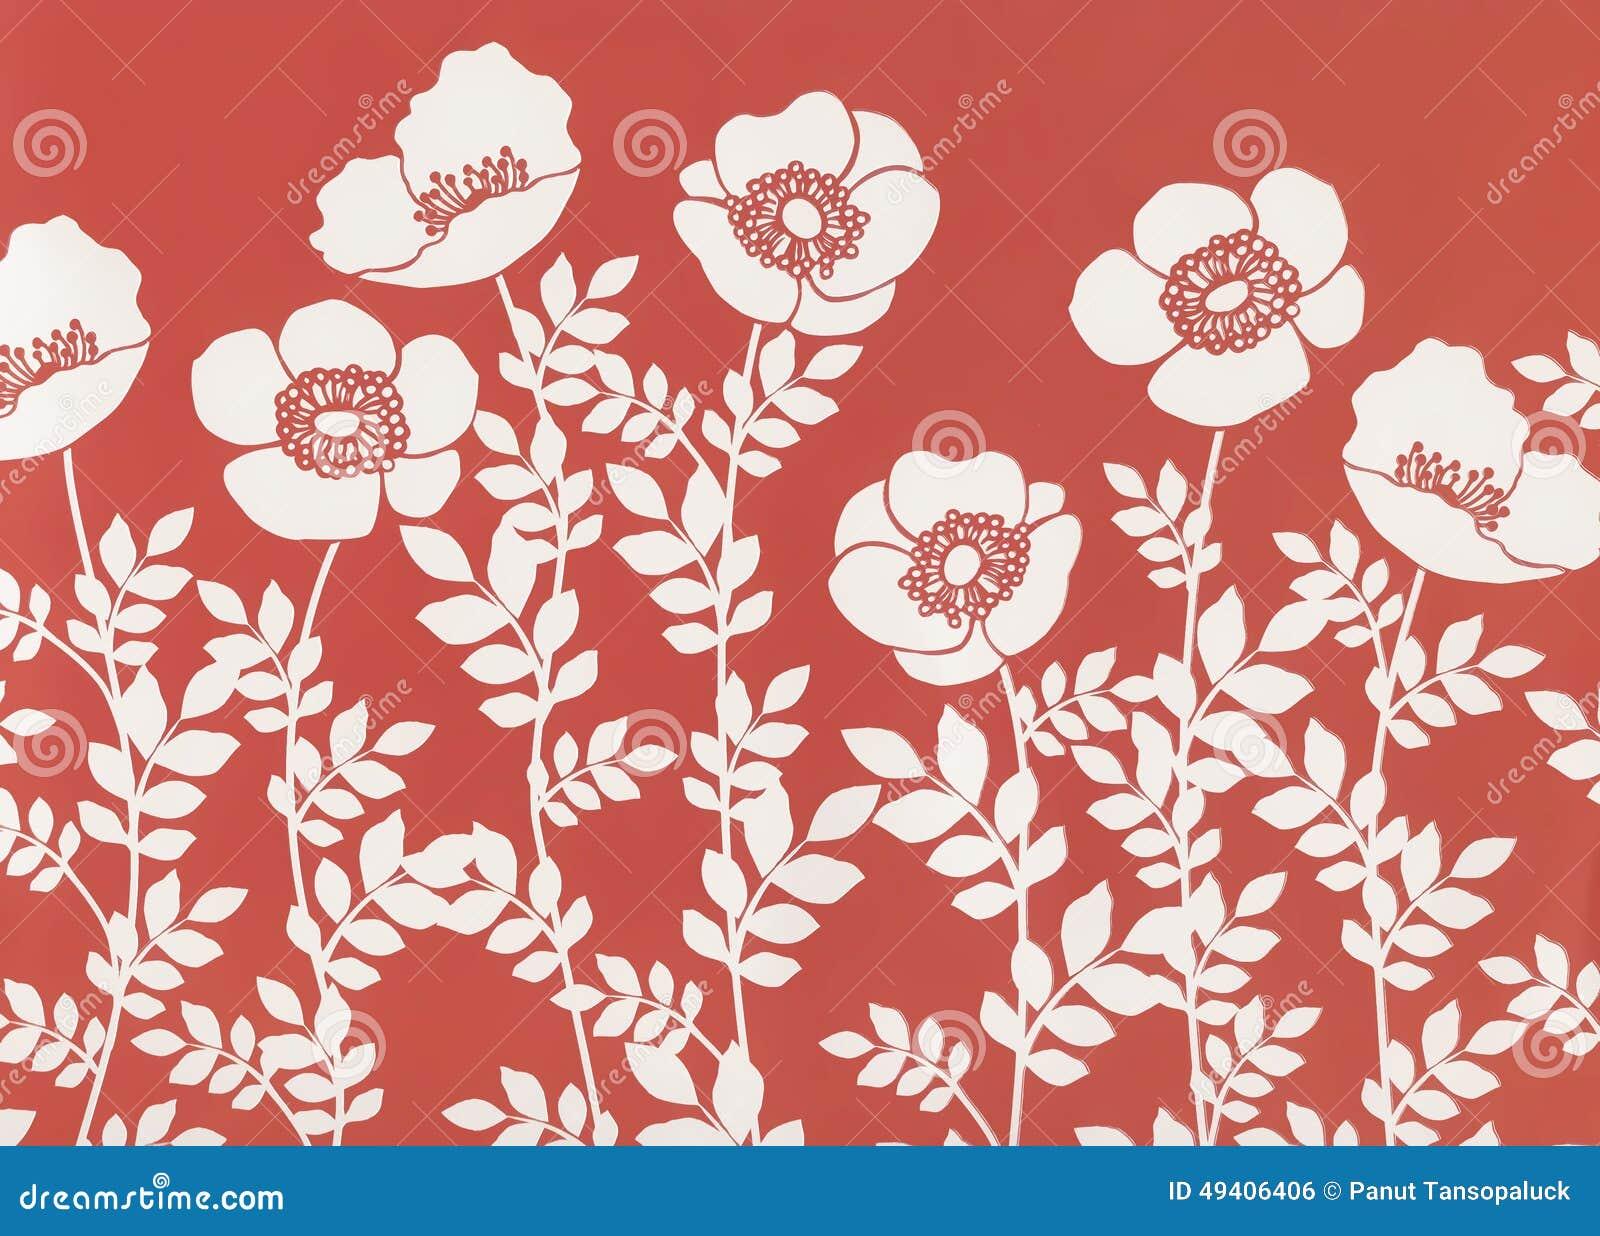 Download Weinlese Mit Blumen Stilvolle Dekorative Illustrationsbeschaffenheit Stock Abbildung - Illustration von graphik, stylize: 49406406